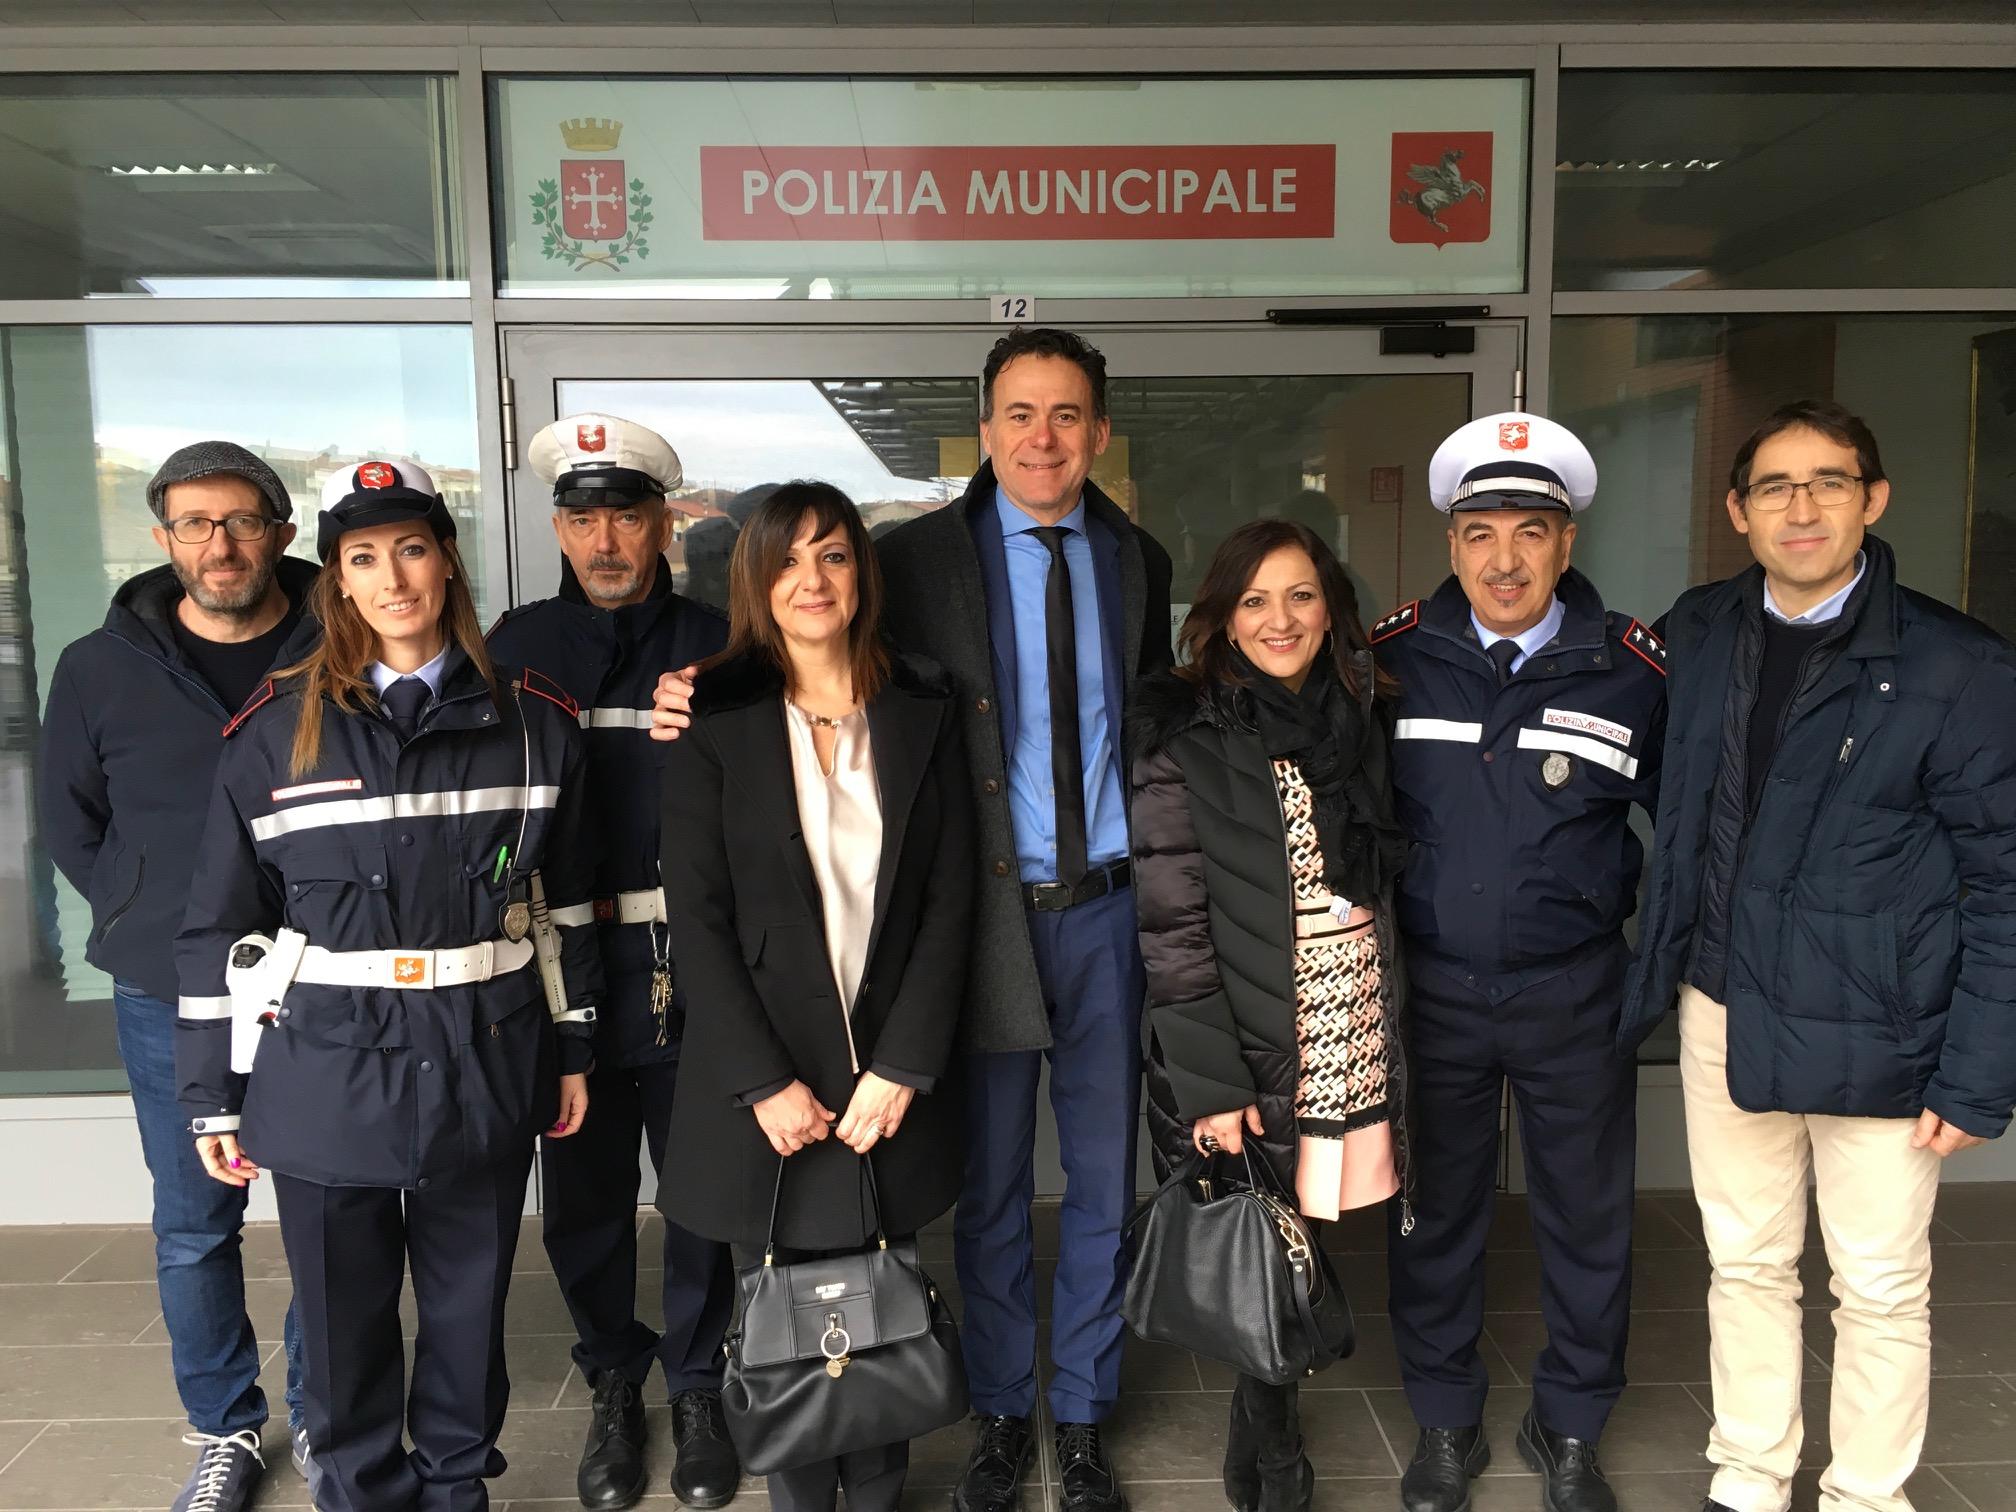 Foto_Festa_Polizia_Municipale